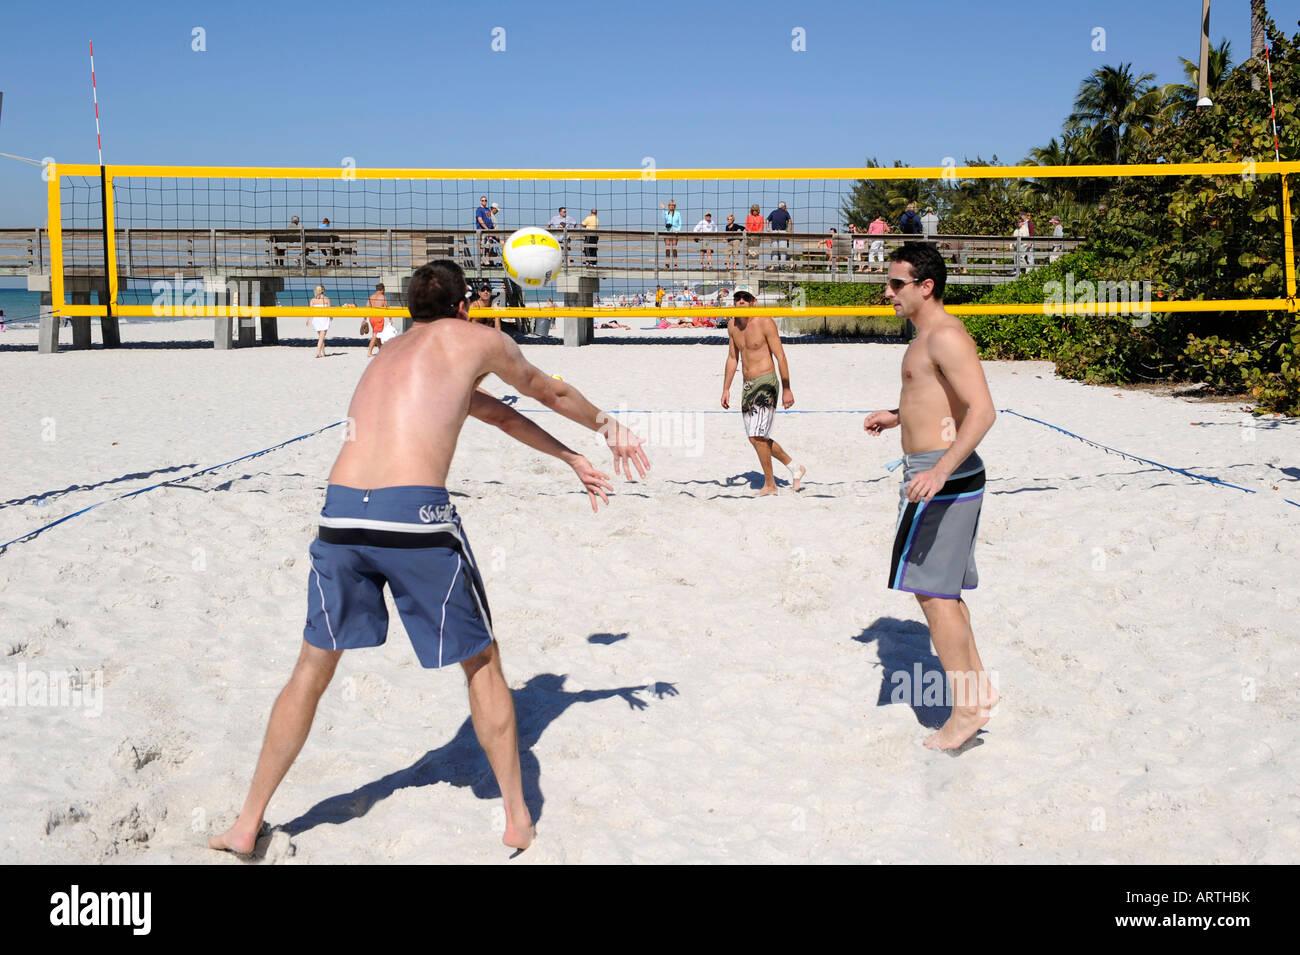 2 en 2 de voleibol de playa jugado en el Pier Beach Naples, Florida Imagen De Stock